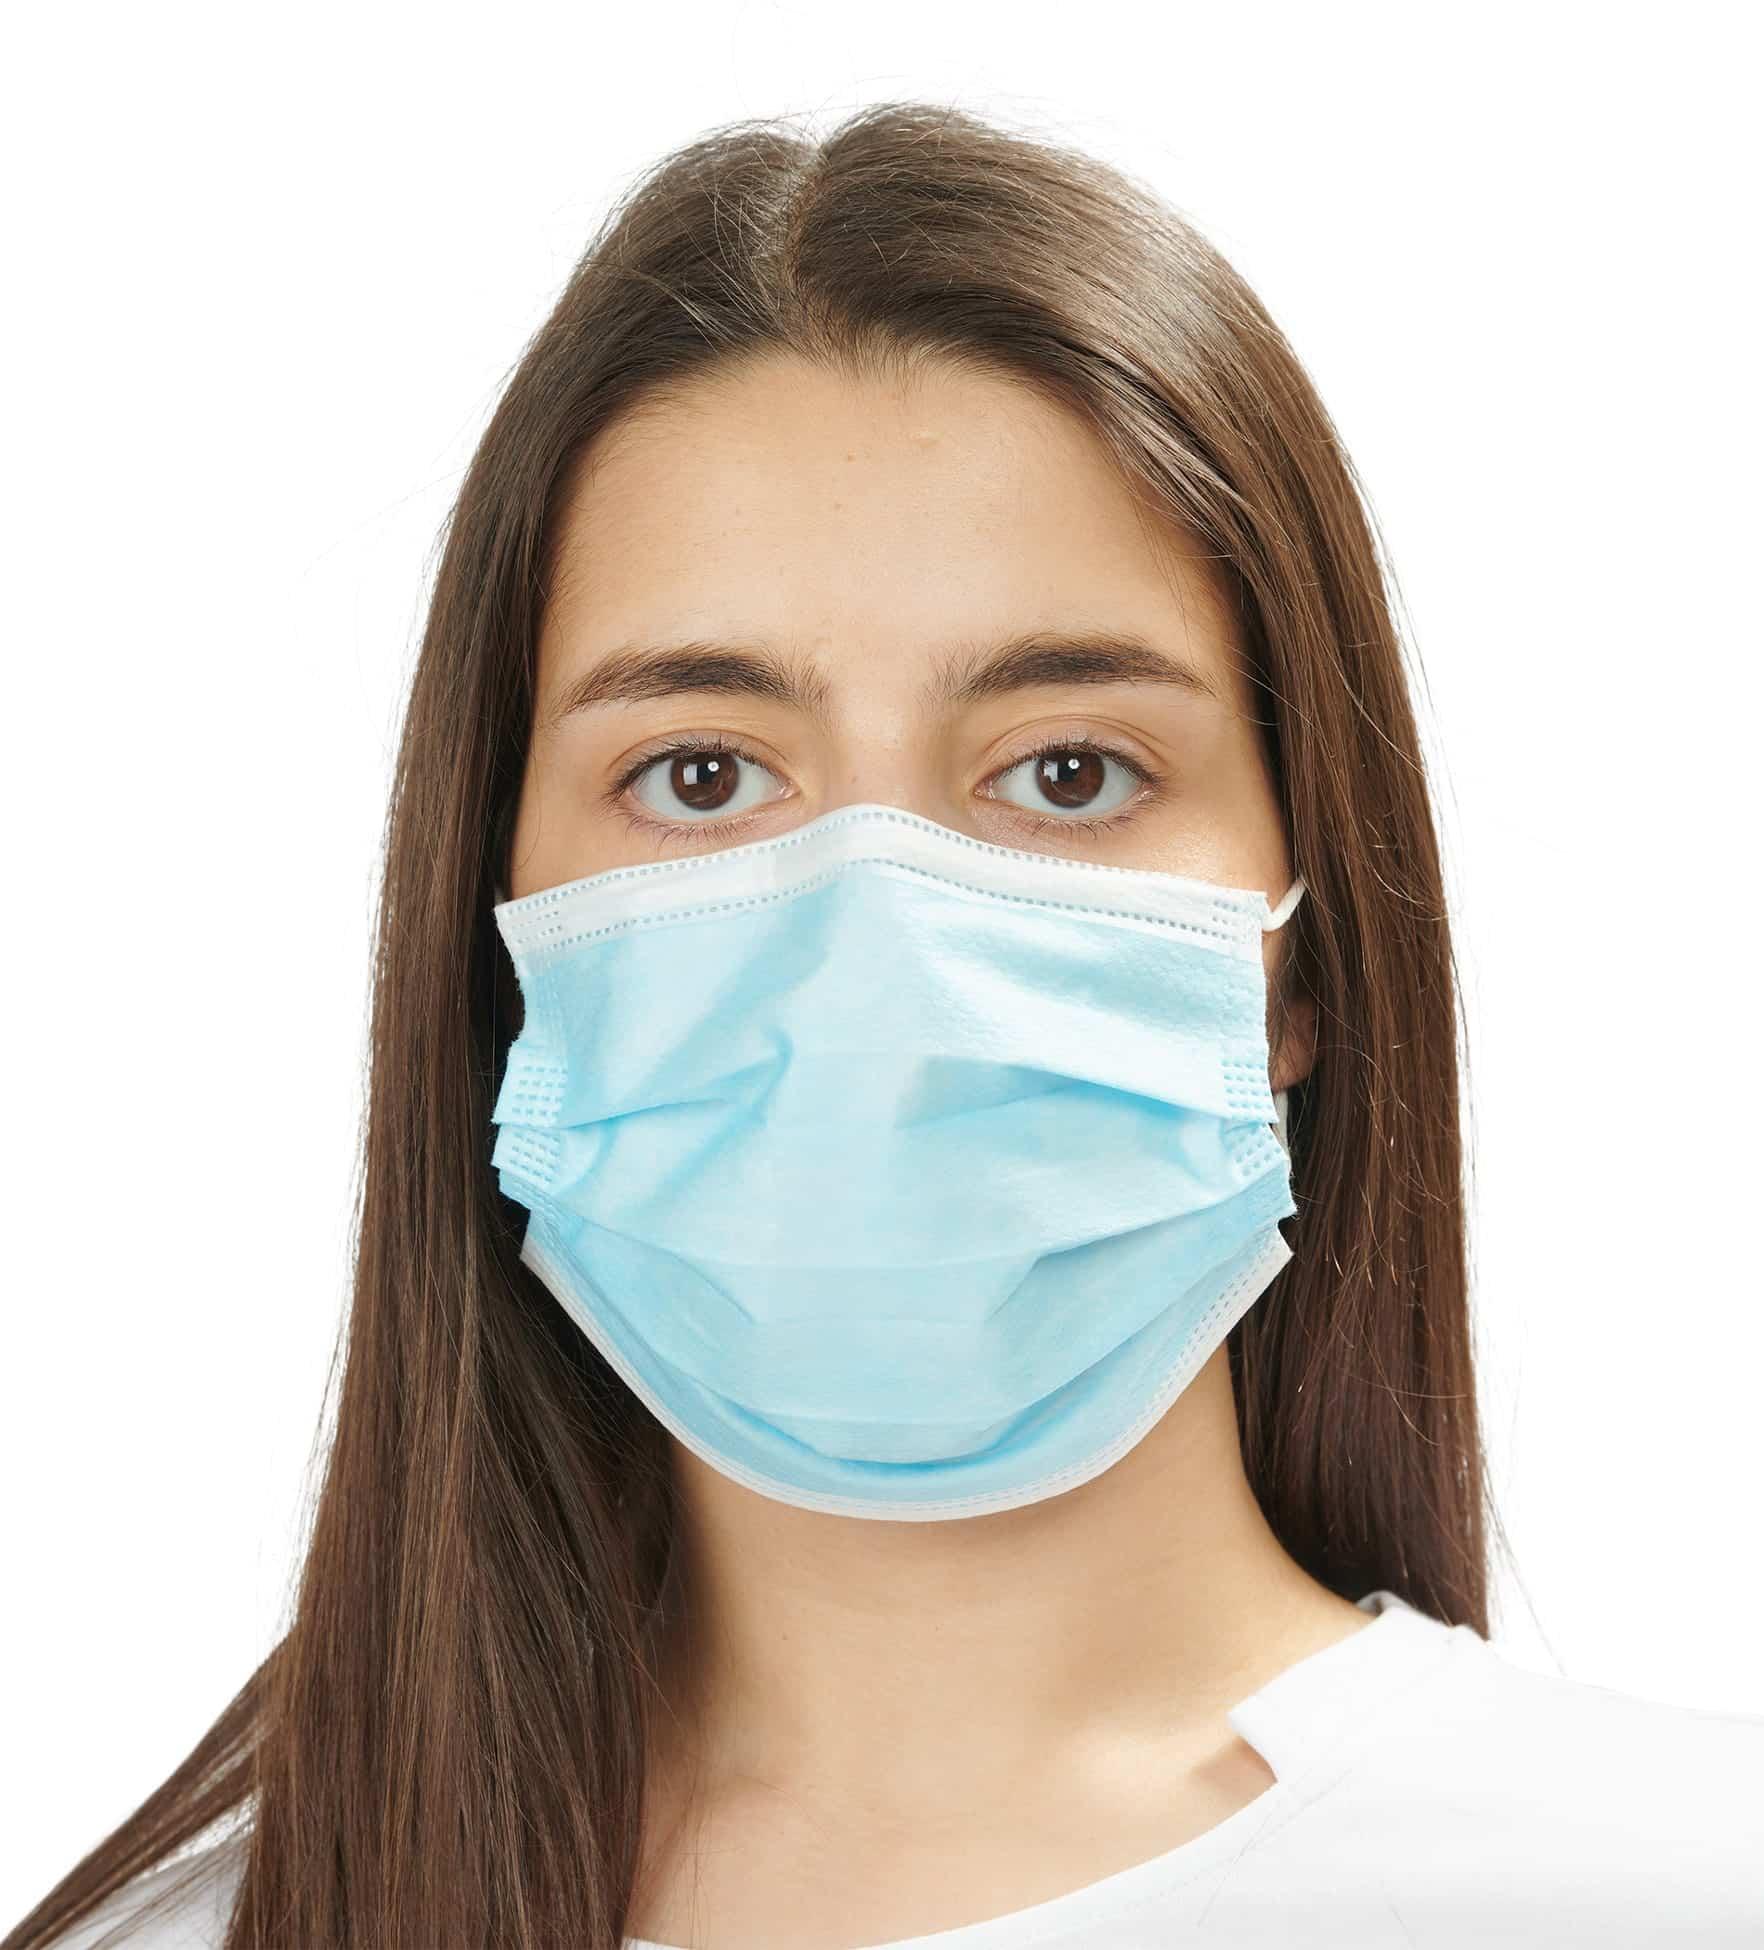 máscaras cirúrgica 3 - surgical masks - clothe protect